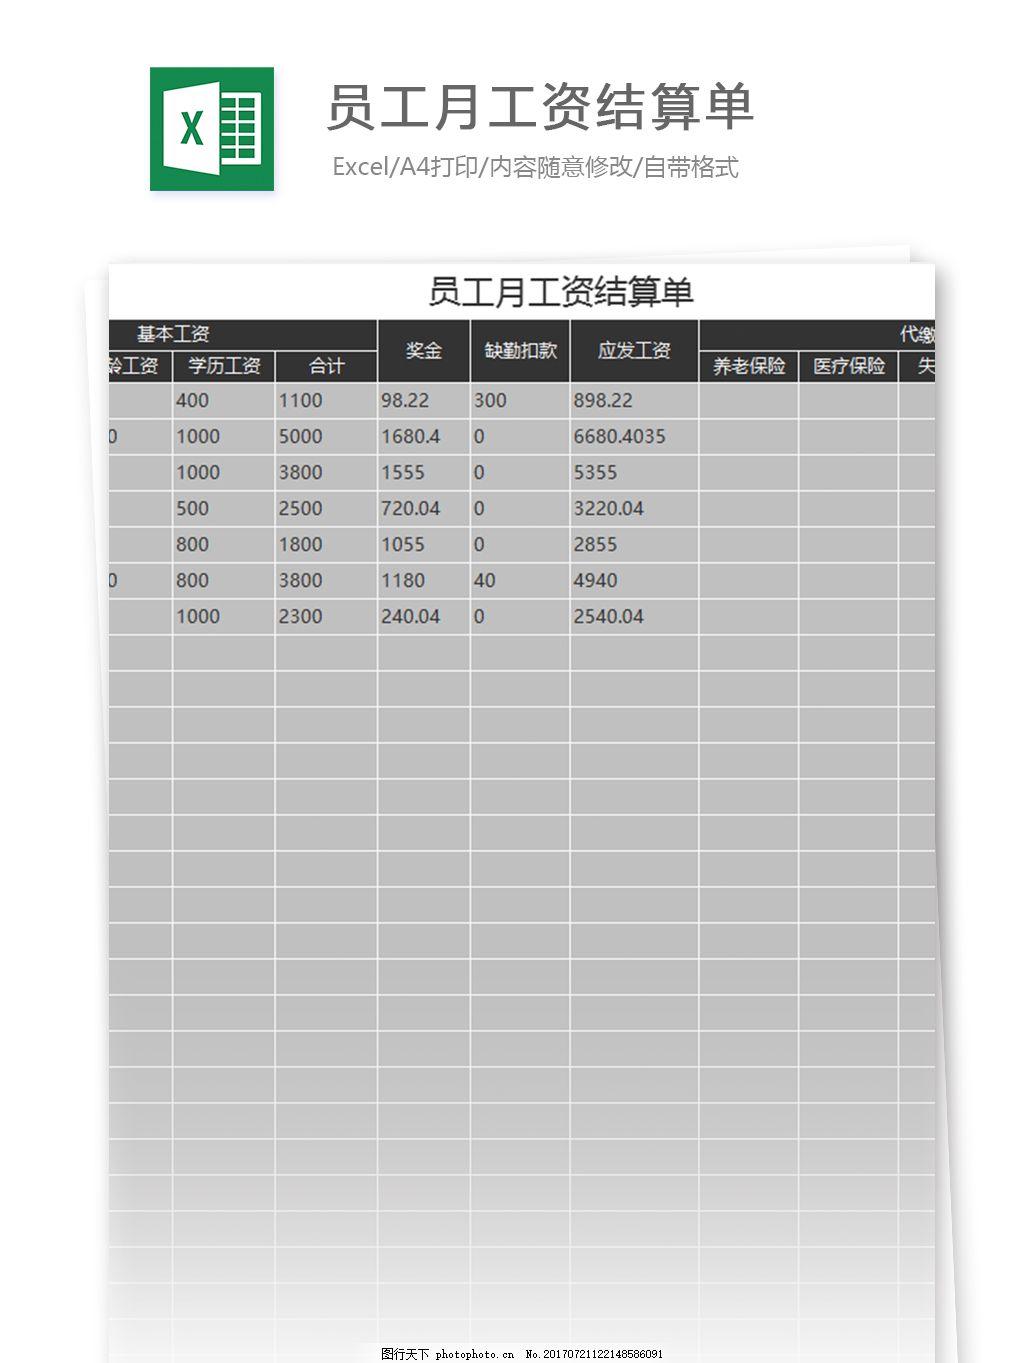 工厂员工工资单表格_员工工资表格图片展示_员工工资表格相关图片下载